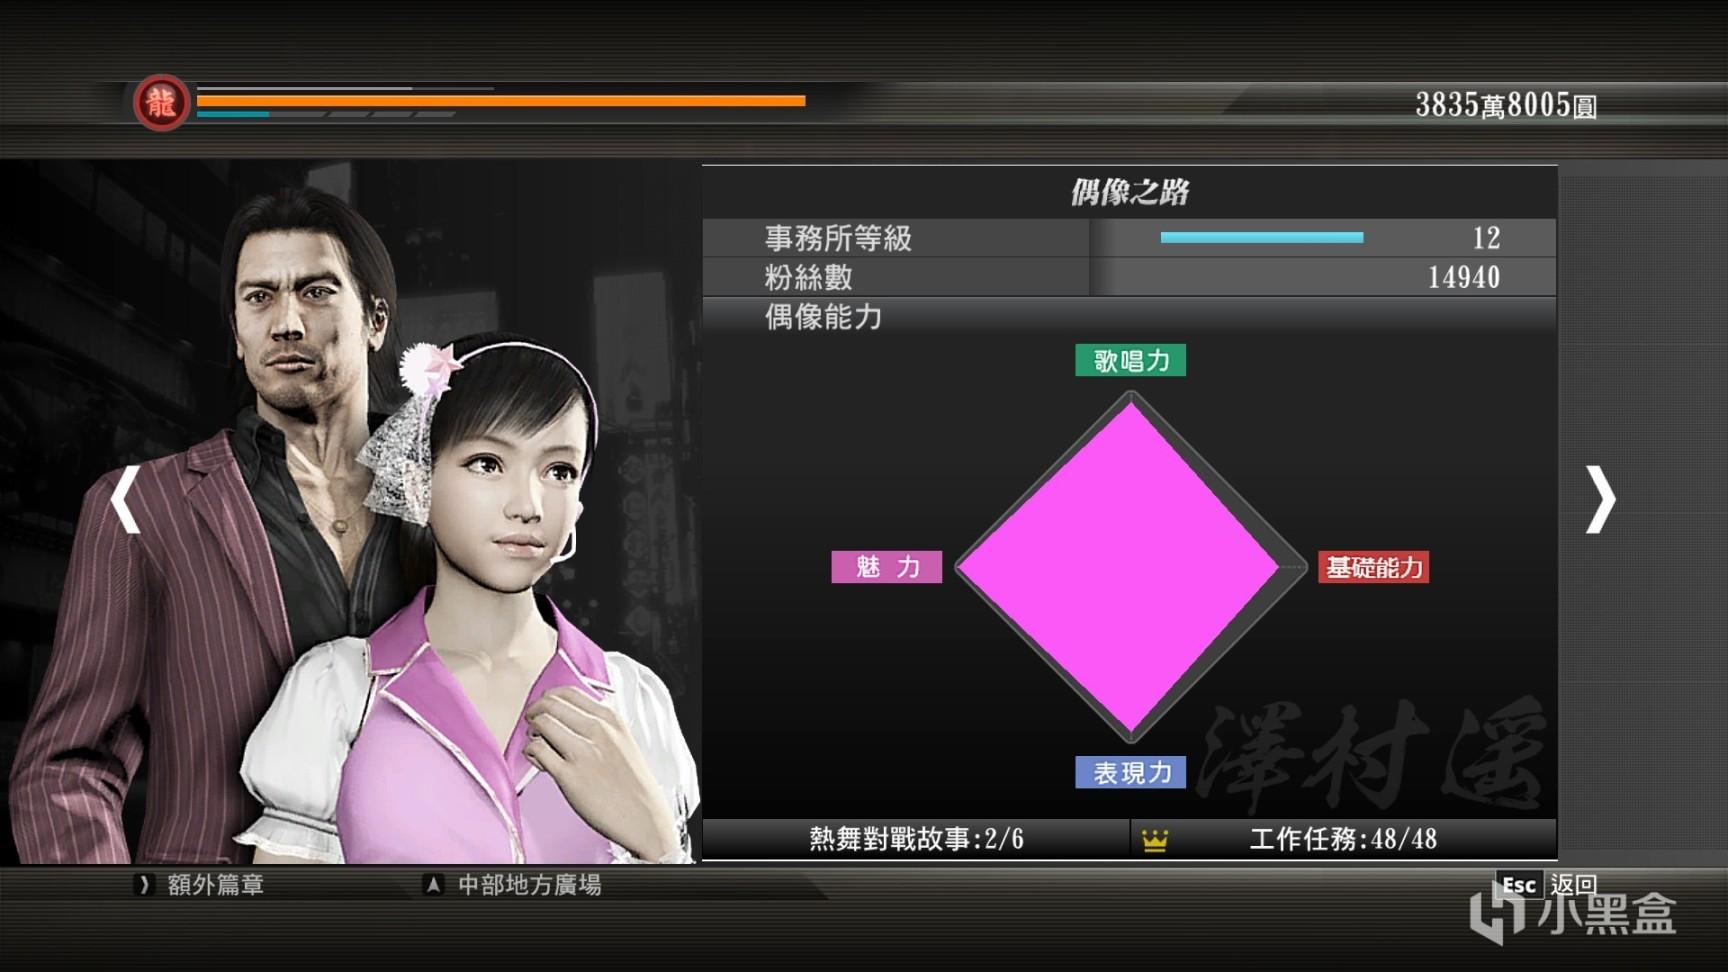 如龙(Yakuza)PC全系列(0~7)游戏介绍及游玩一览(中)插图35